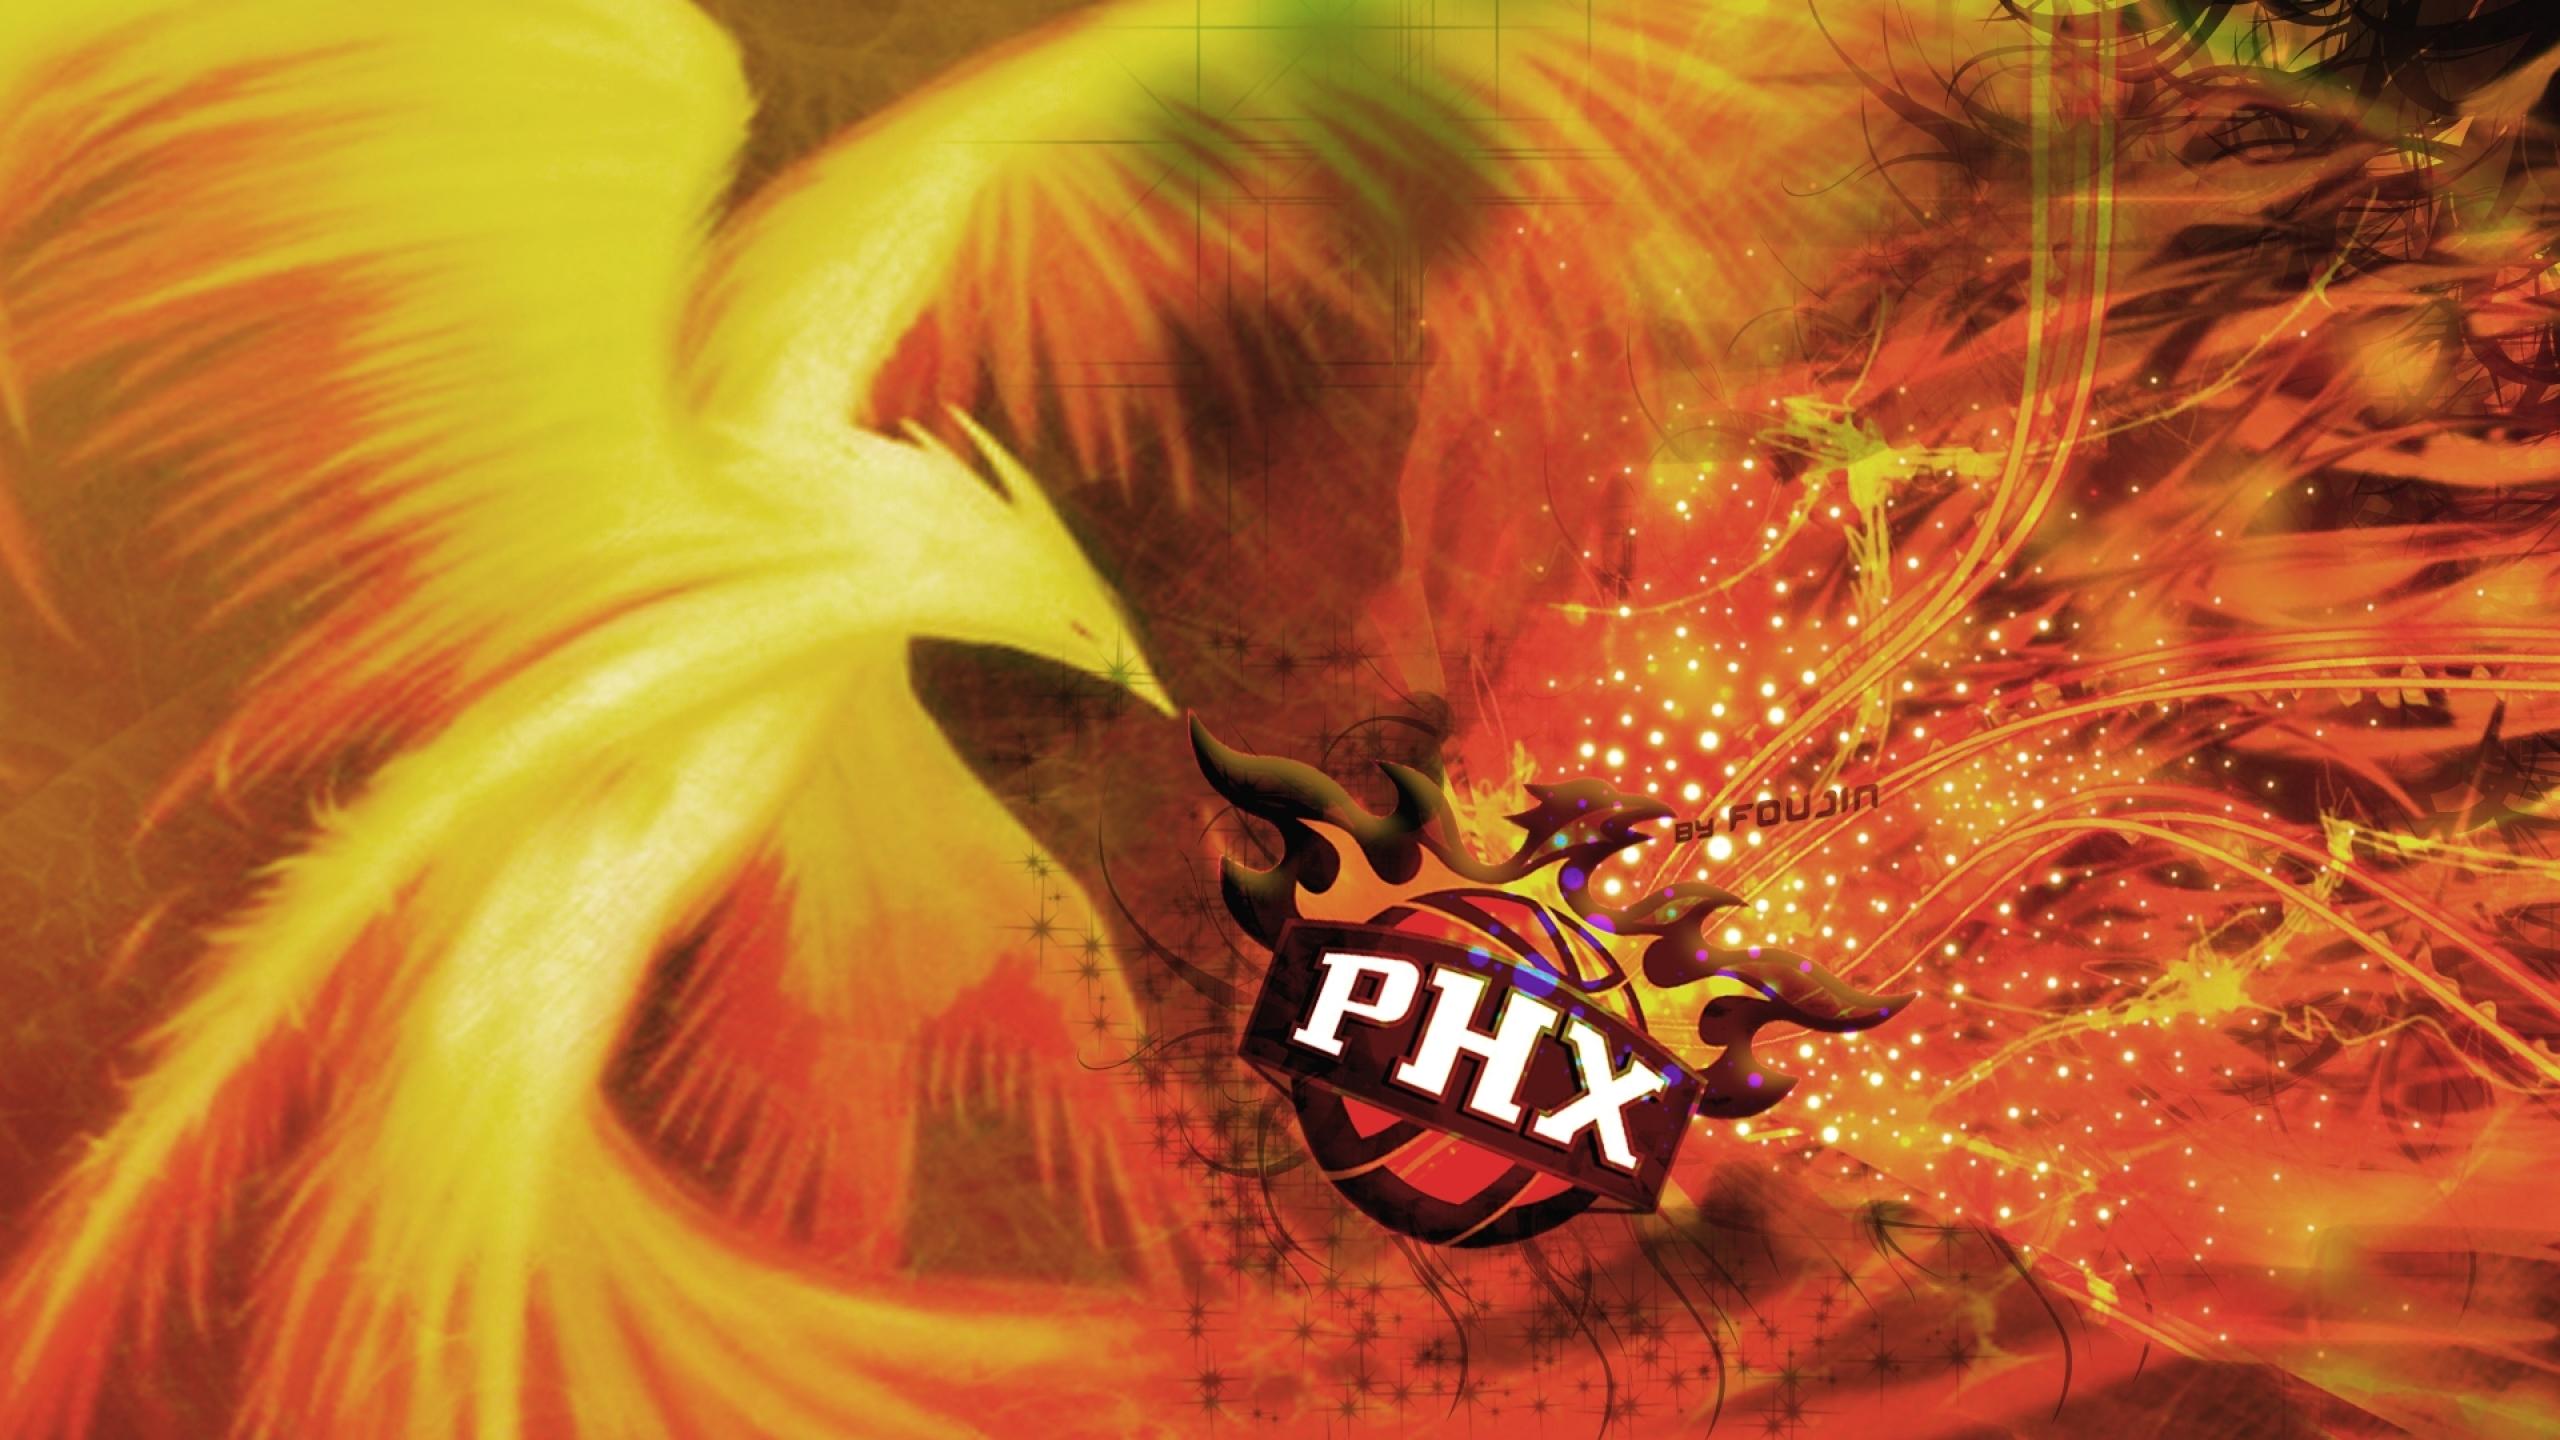 phoenix nba basketball phoenix suns 1920x1080 wallpaper Wallpaper 2560x1440